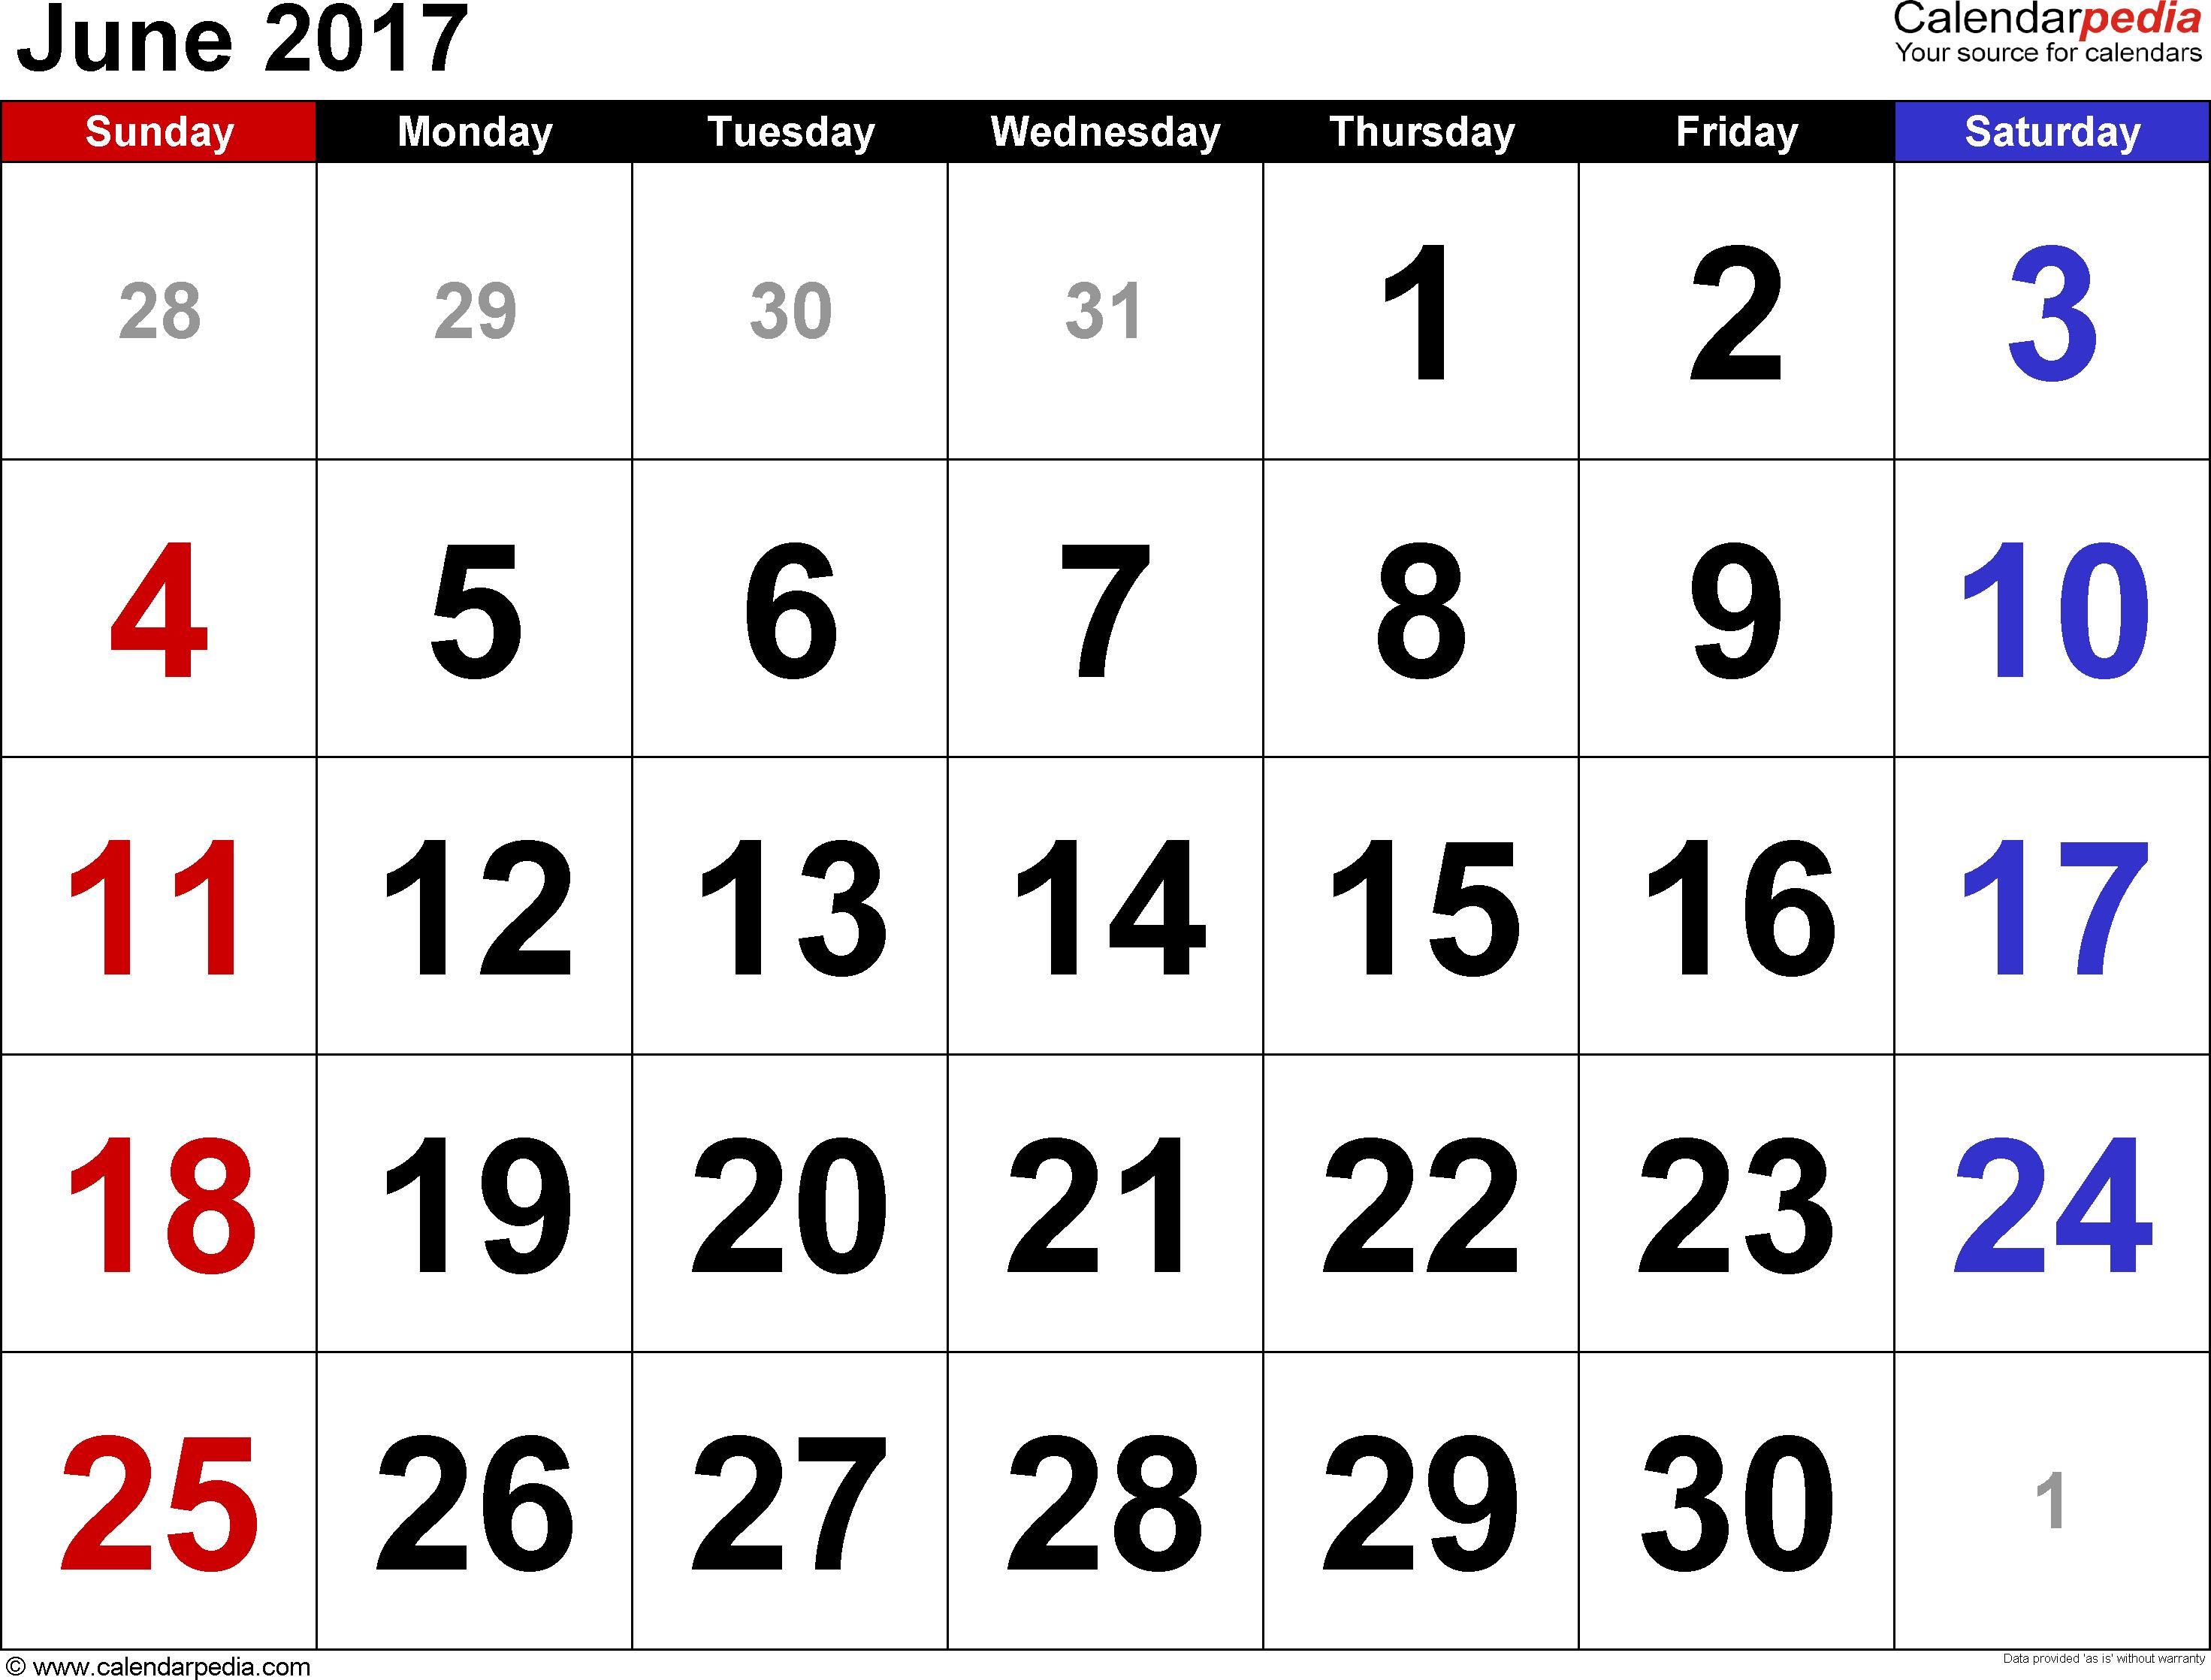 june-2017-calendar-l.png